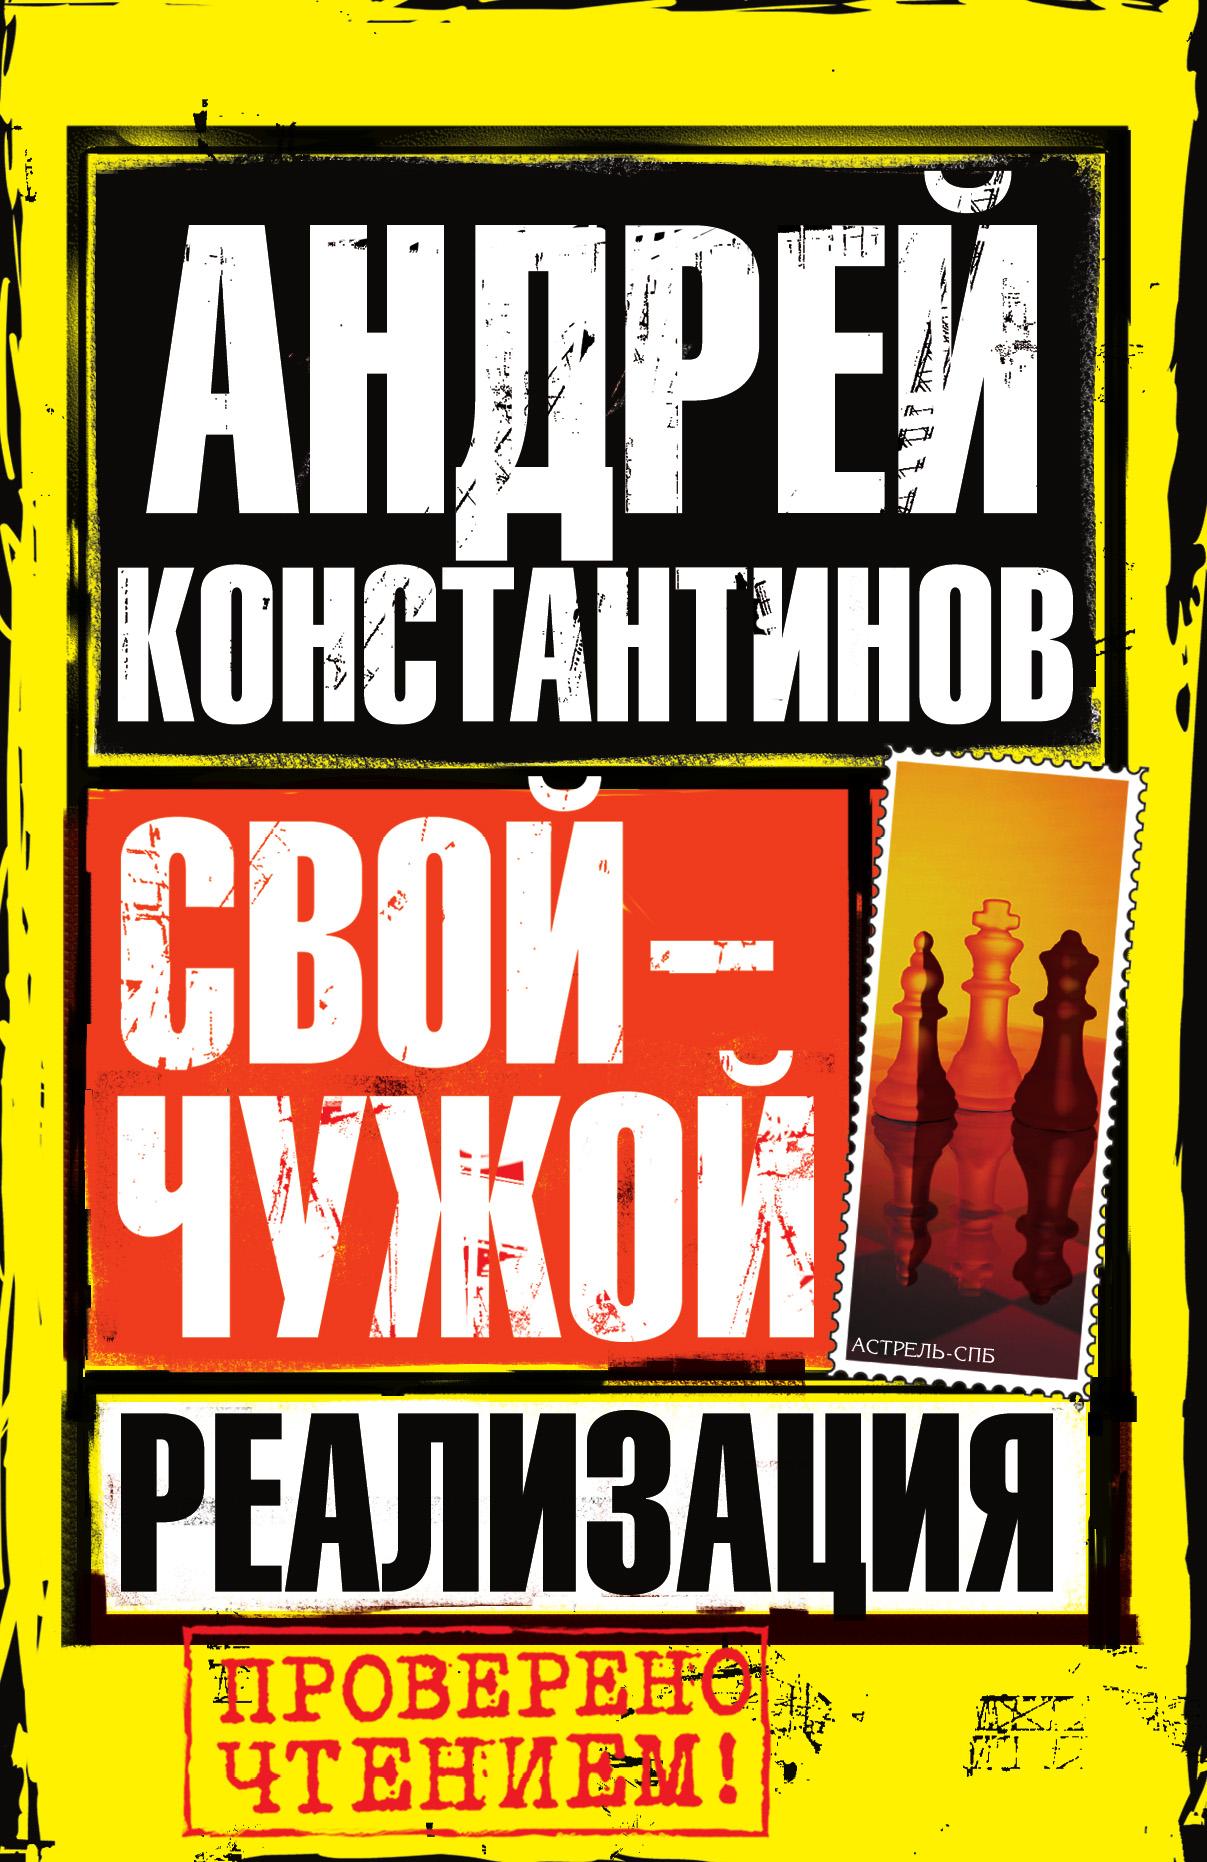 купить Андрей Константинов Реализация по цене 69.9 рублей